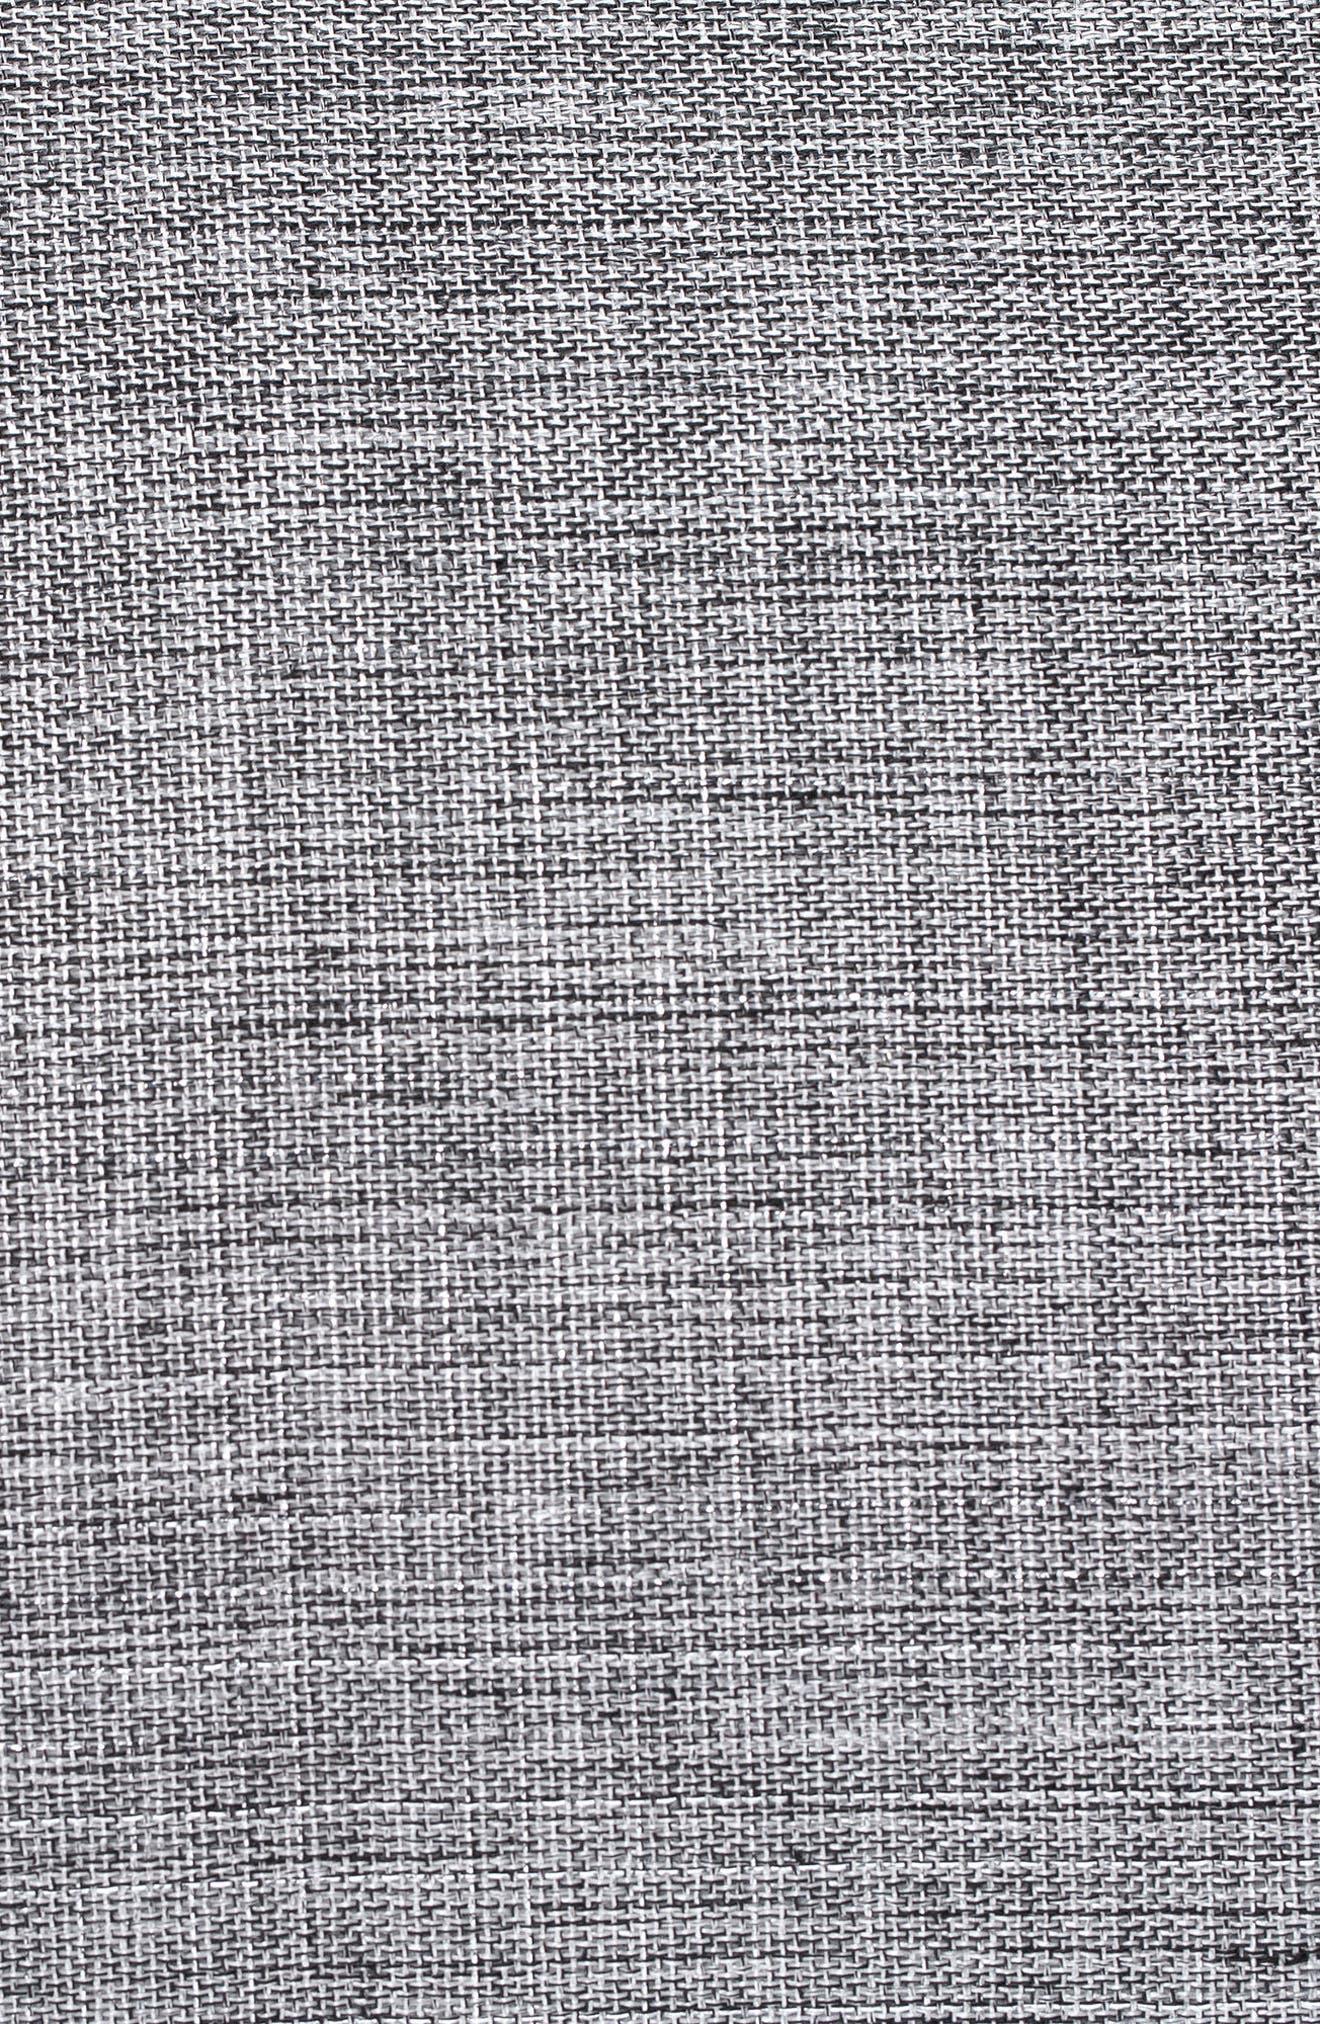 Glam Rosie Diaper Bag,                             Alternate thumbnail 6, color,                             Anthracite Glitter